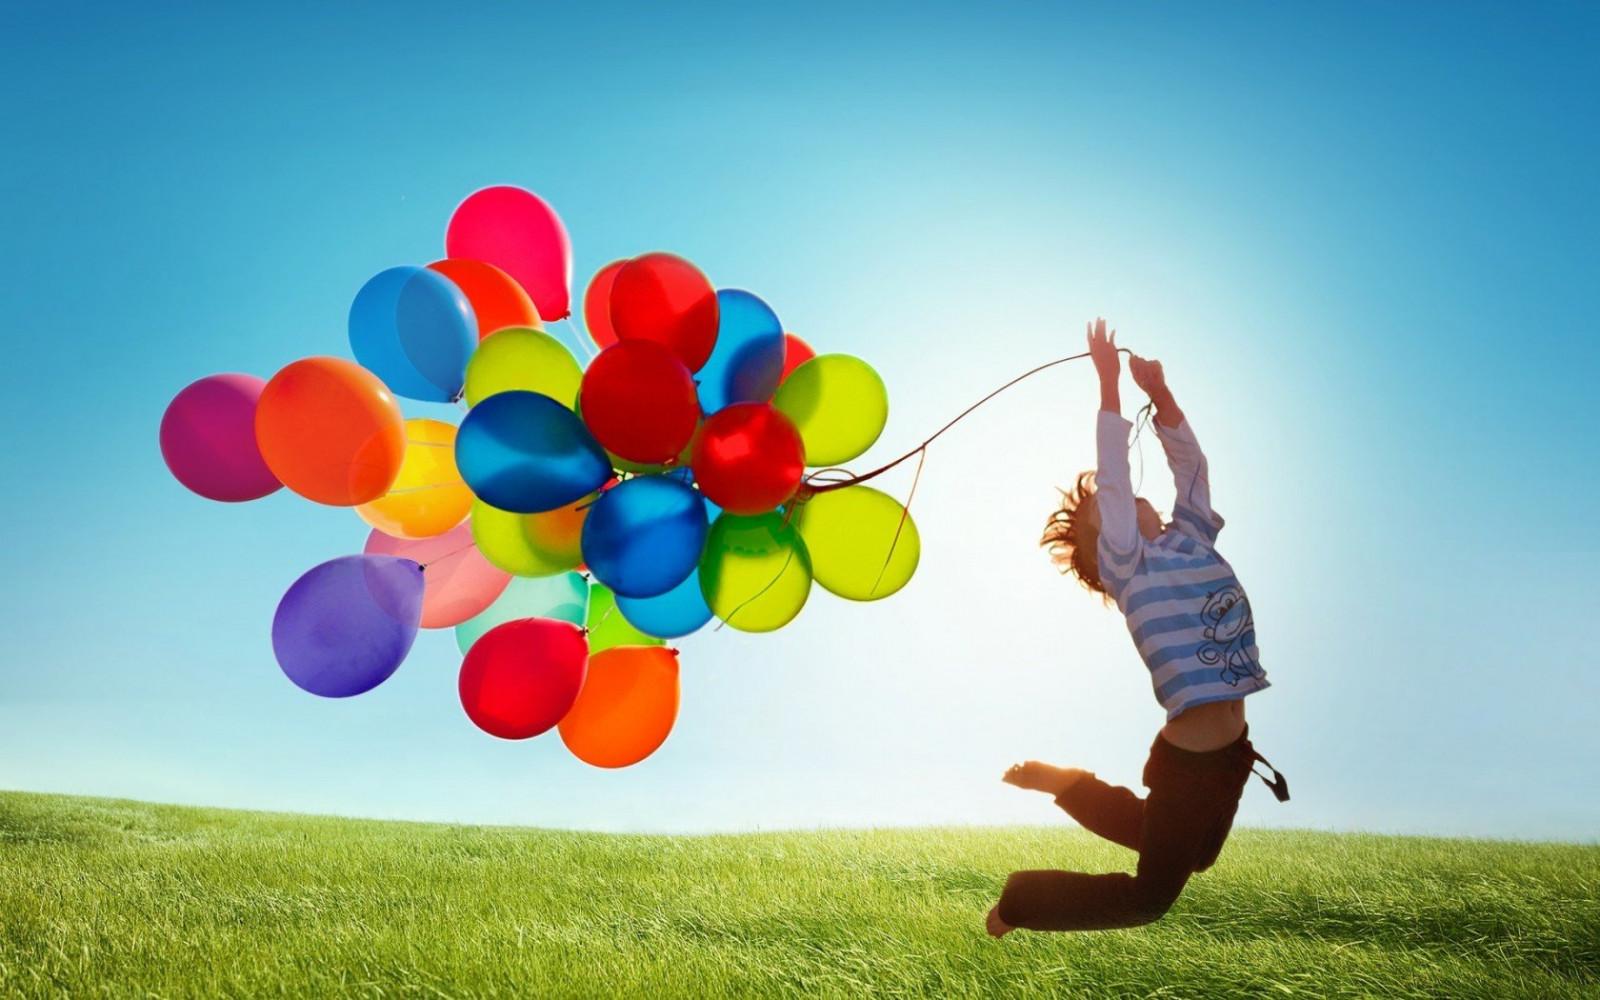 два способа как сделать фото м шарикам в прыжке шестом